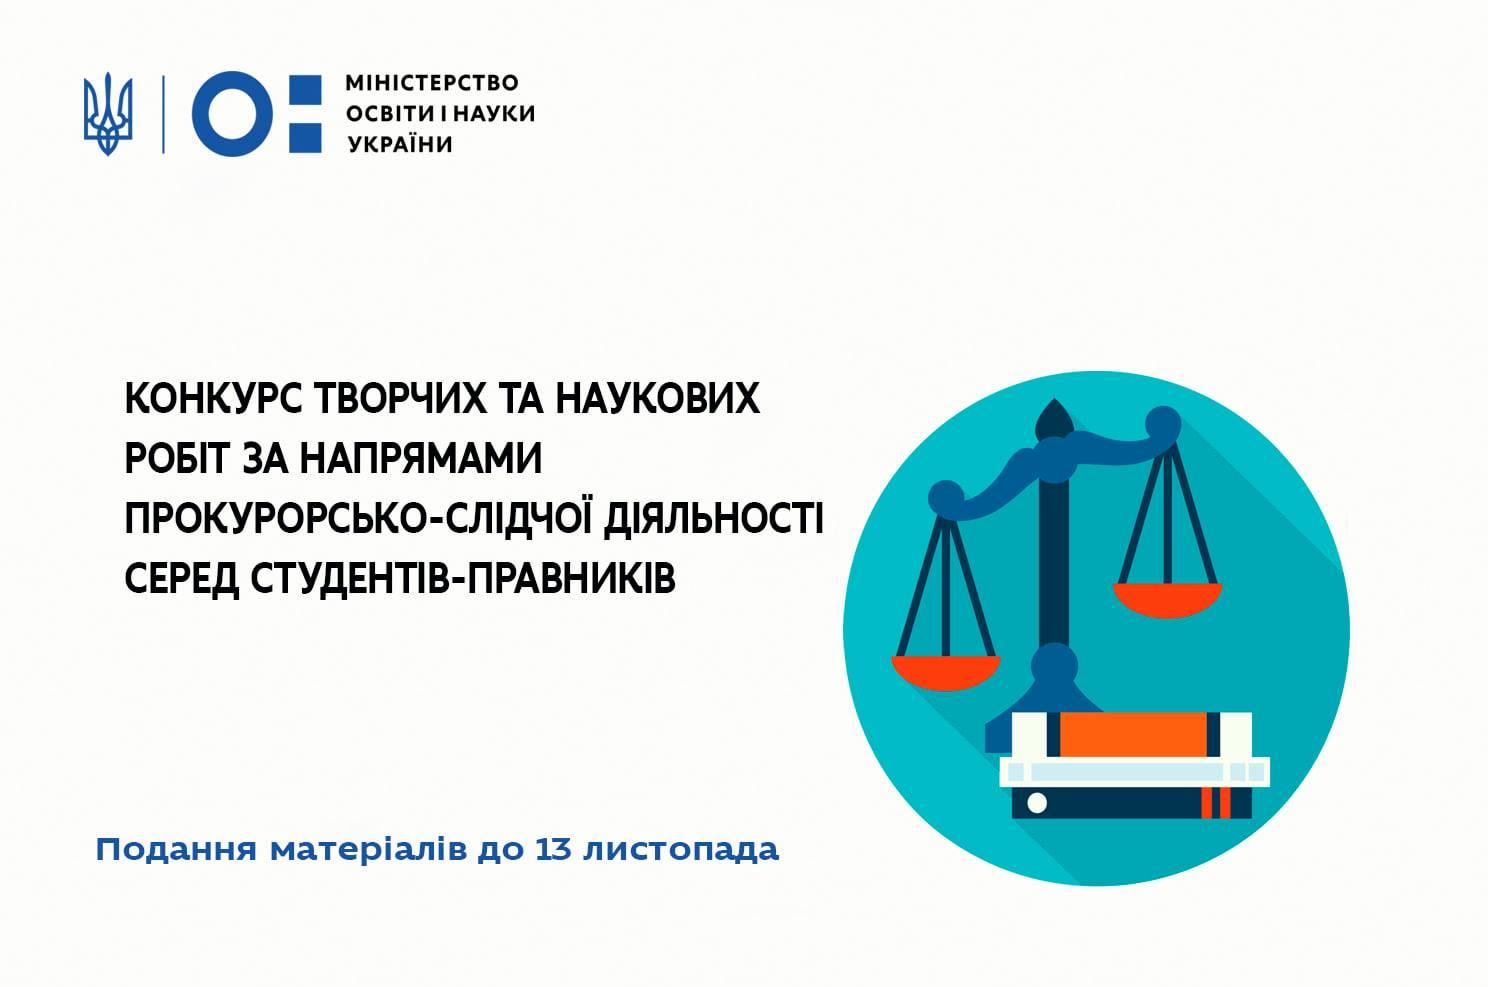 Майбутніх прокурорів запрошують на конкурс - МОН, конкурс - MON PROKUROR